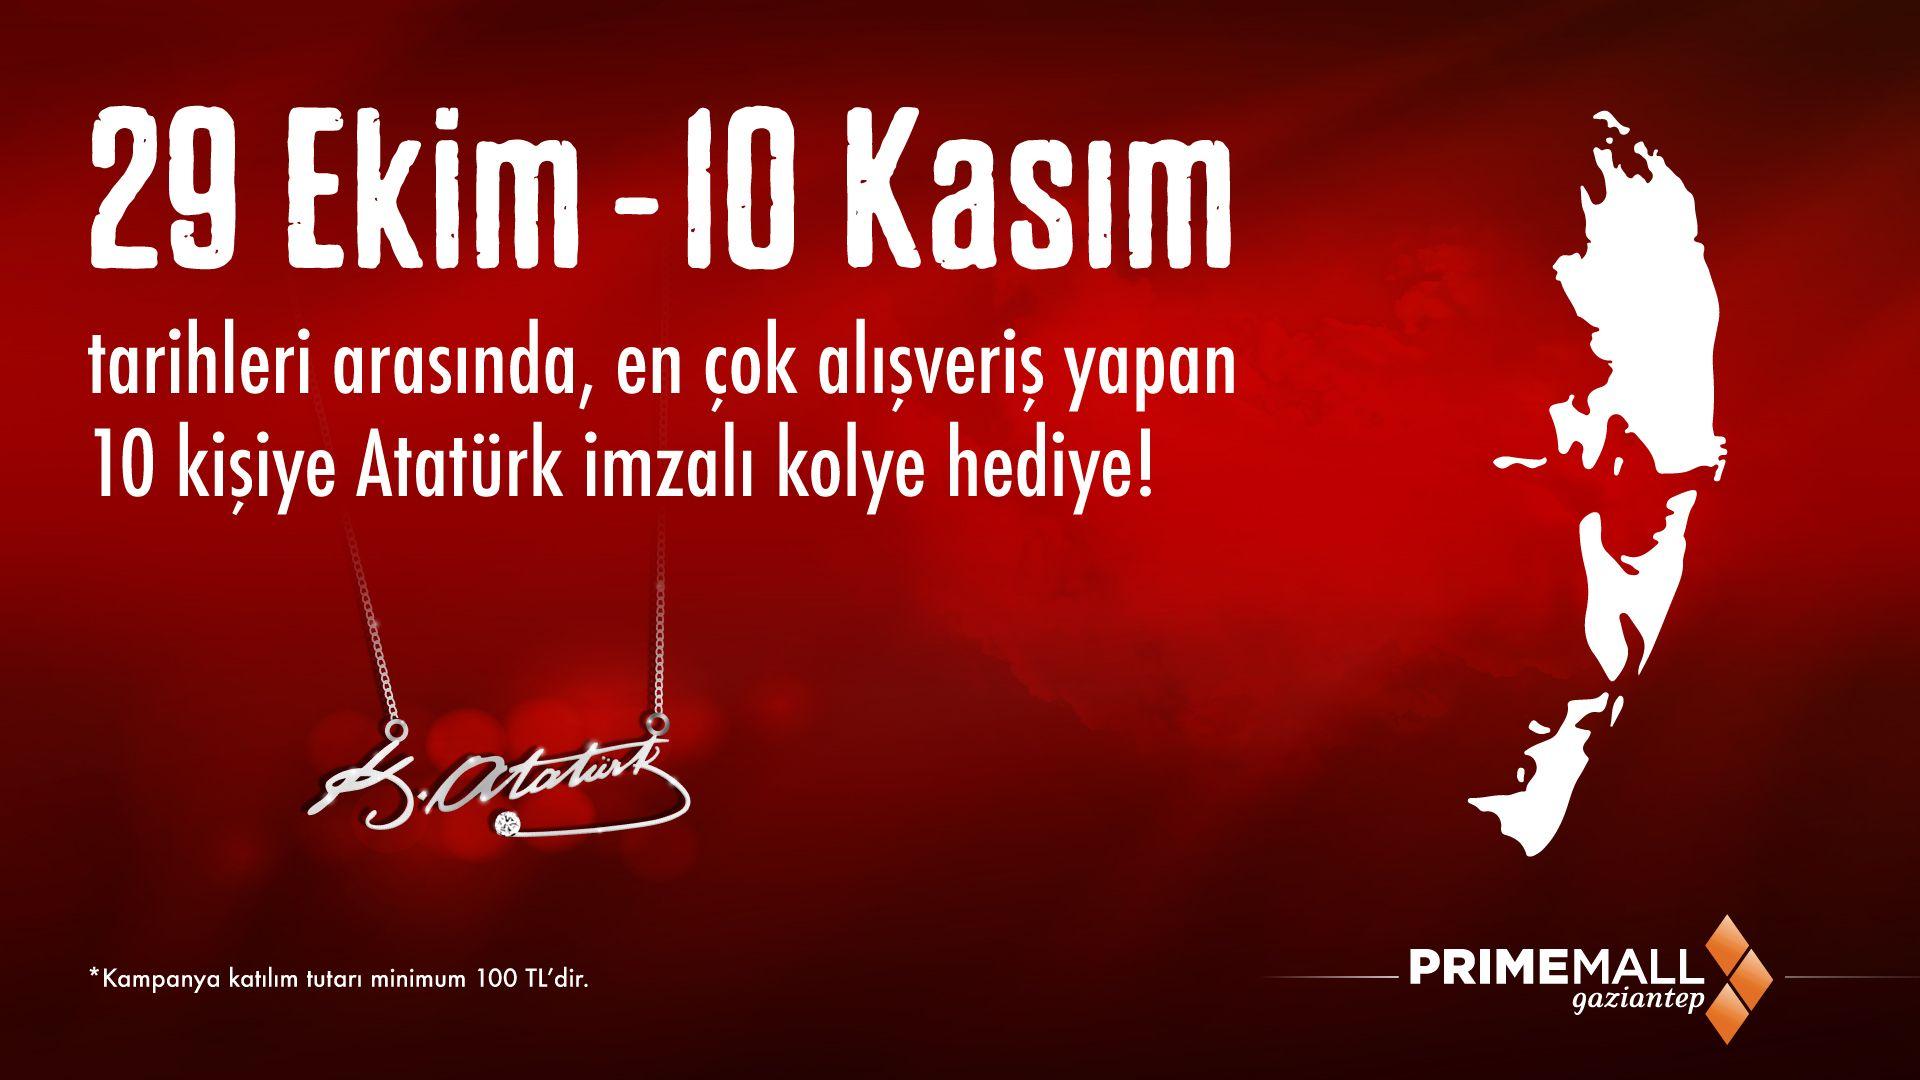 29 Ekim - 10 Kasım Tarihleri Arasında, En Çok Alışveriş Yapan 10 Kişiye Atatürk İmzalı Kolye Hediye